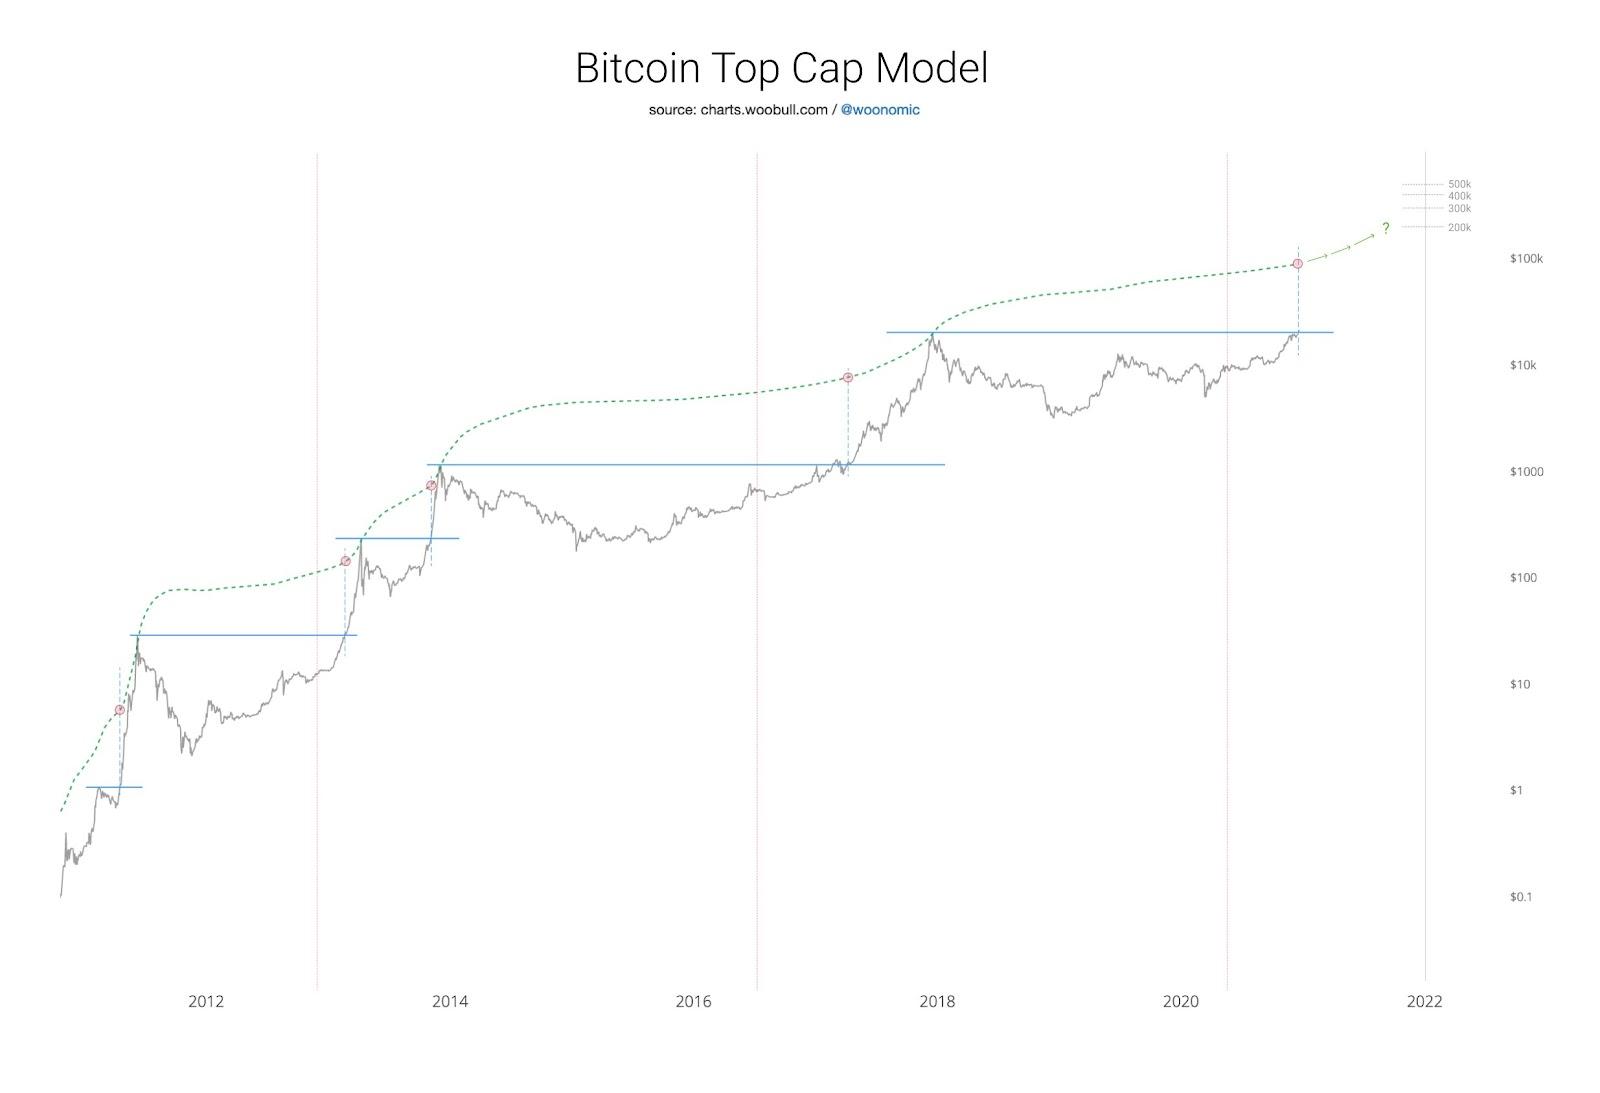 Предсказание цены биткоина до 2022 года по методологии Вилли Ву.